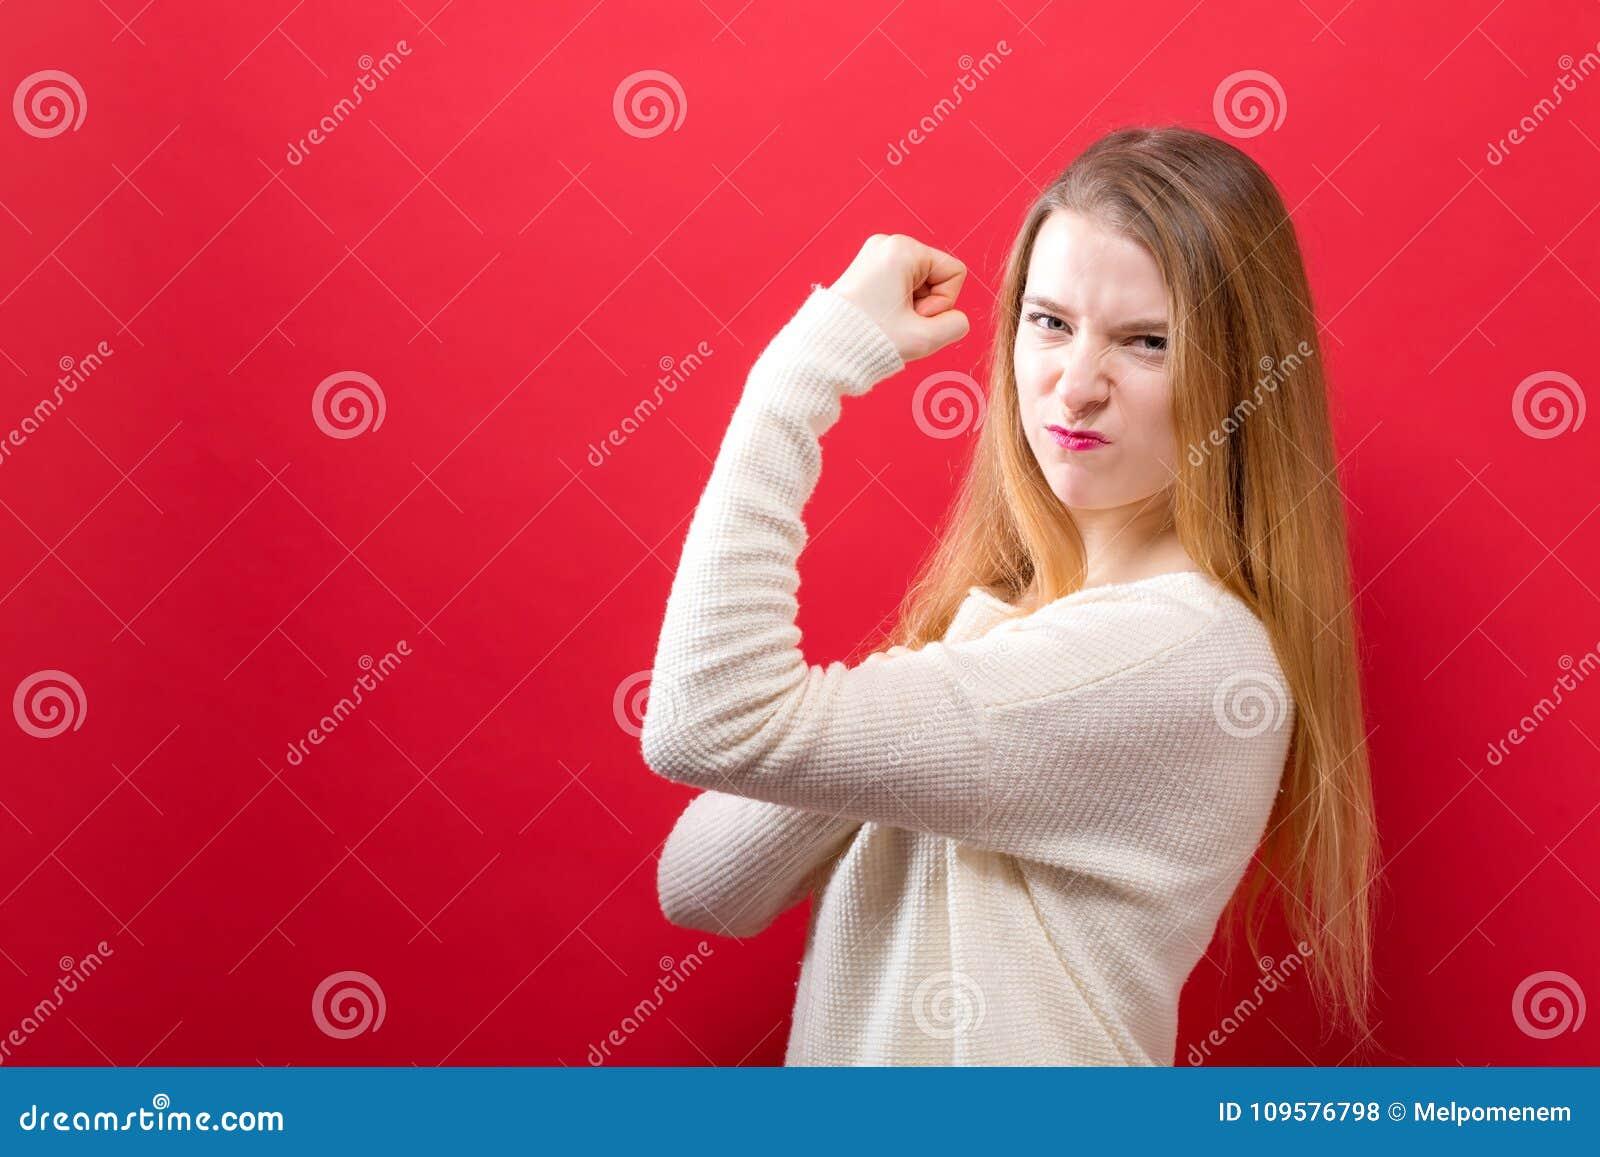 Η ισχυρή νέα γυναίκα σε μια επιτυχία θέτει